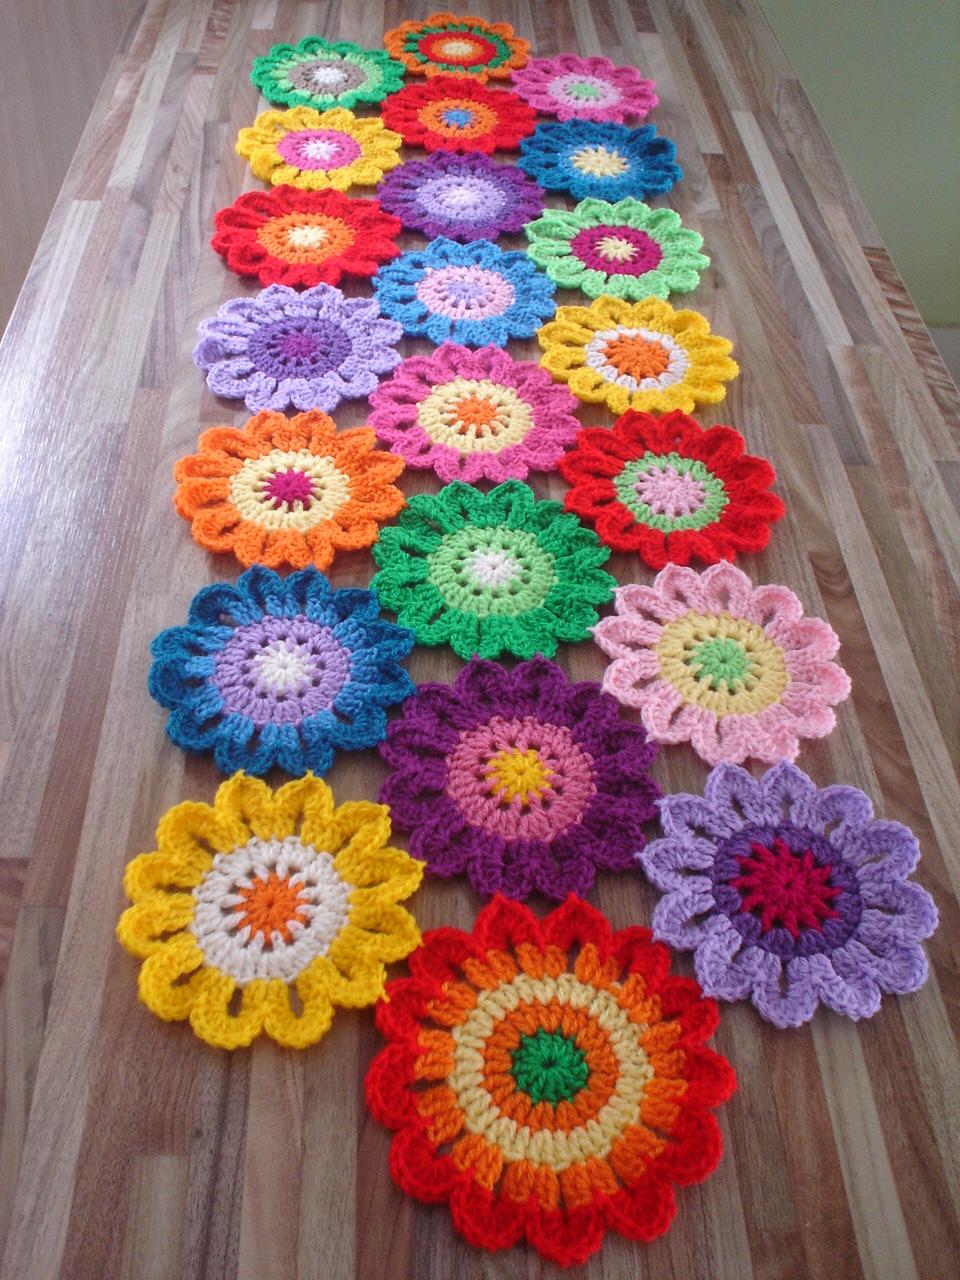 Free Crochet Pattern Flower Table Runner : REGINA RECEITAS DE CROCHE E AFINS: INSPIRADA EM CROCHE ...